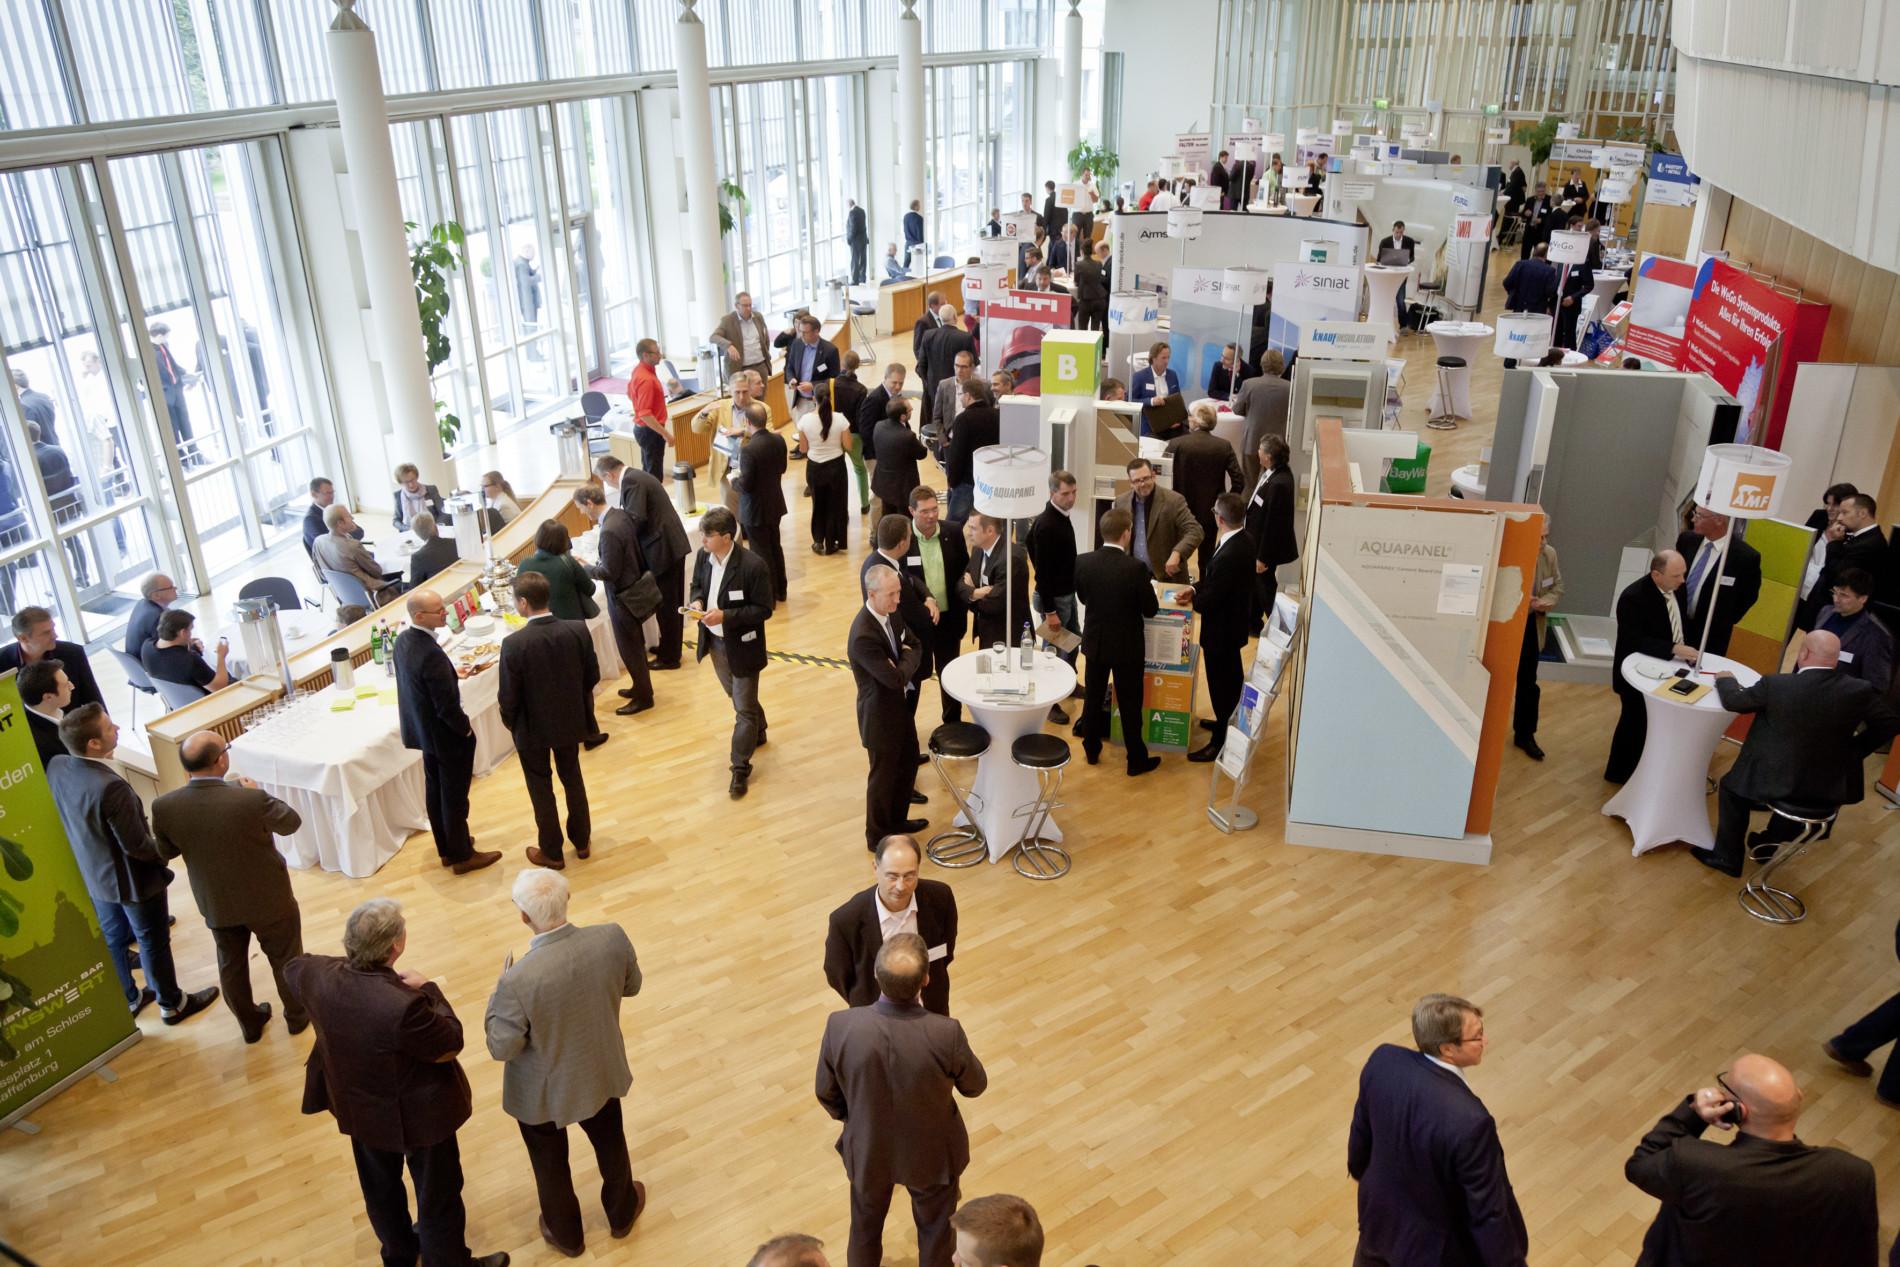 itf - Internationales Trockenbau Forum 2013, 26. und 27. September 2013 in der Stadthalle von Aschaffenburg, Foyer der Stadthalle